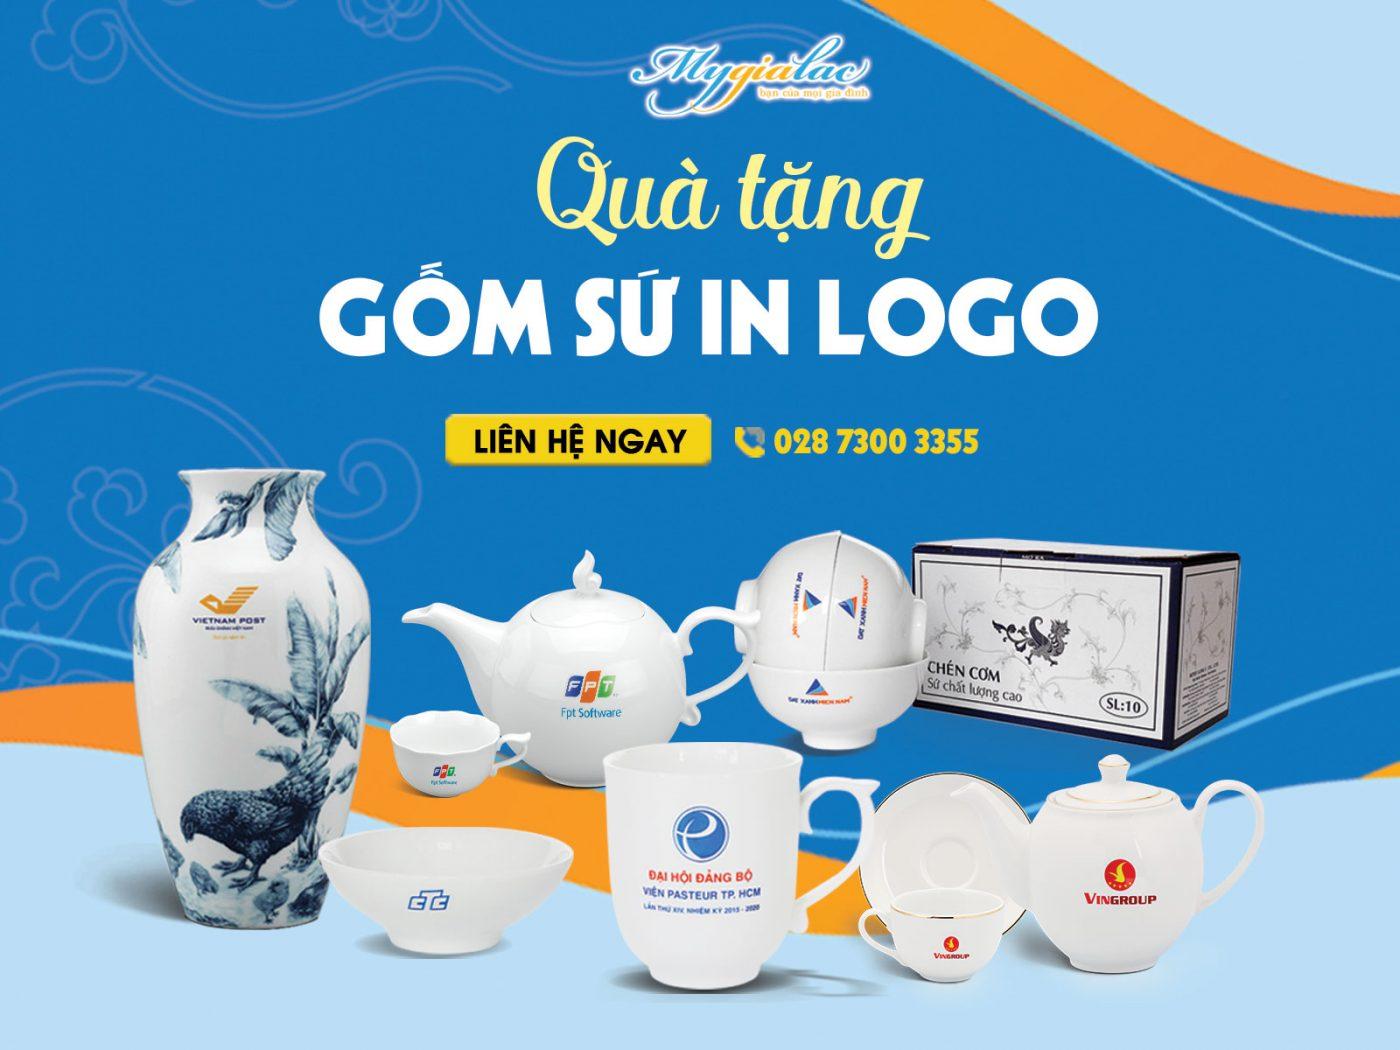 In Logo Gom Su